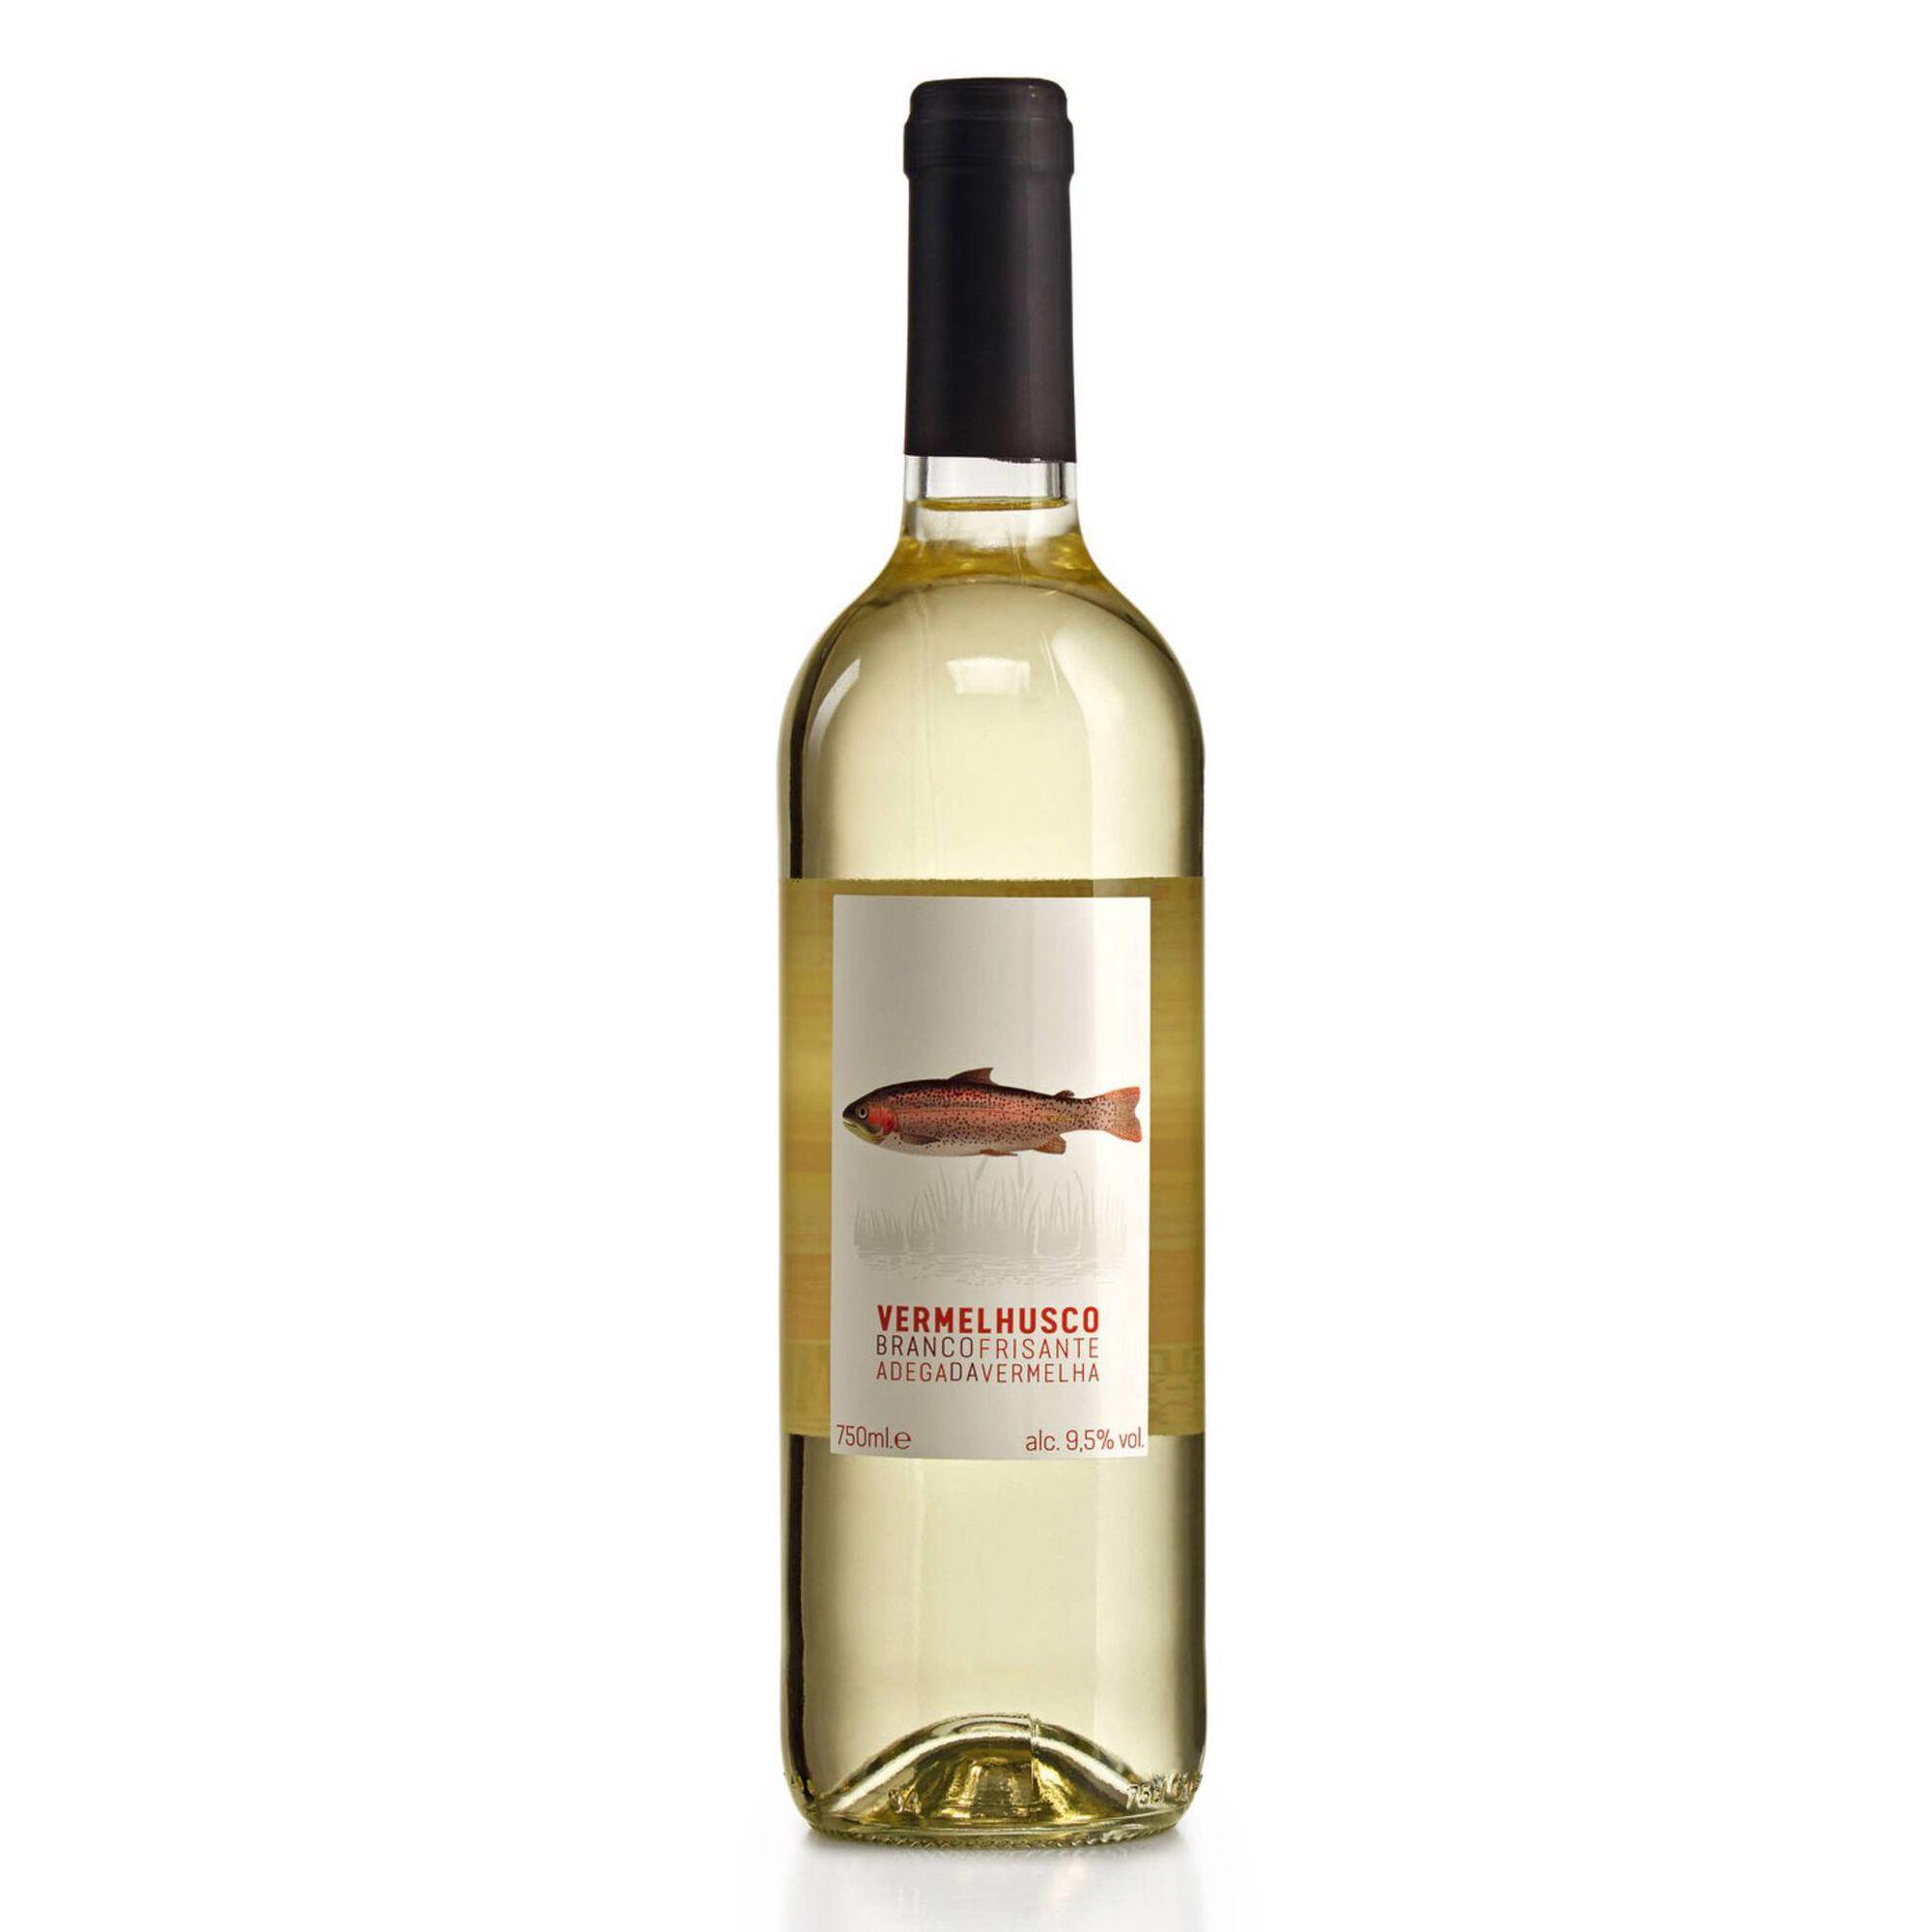 Vermelhusco Vinho Frisante Branco